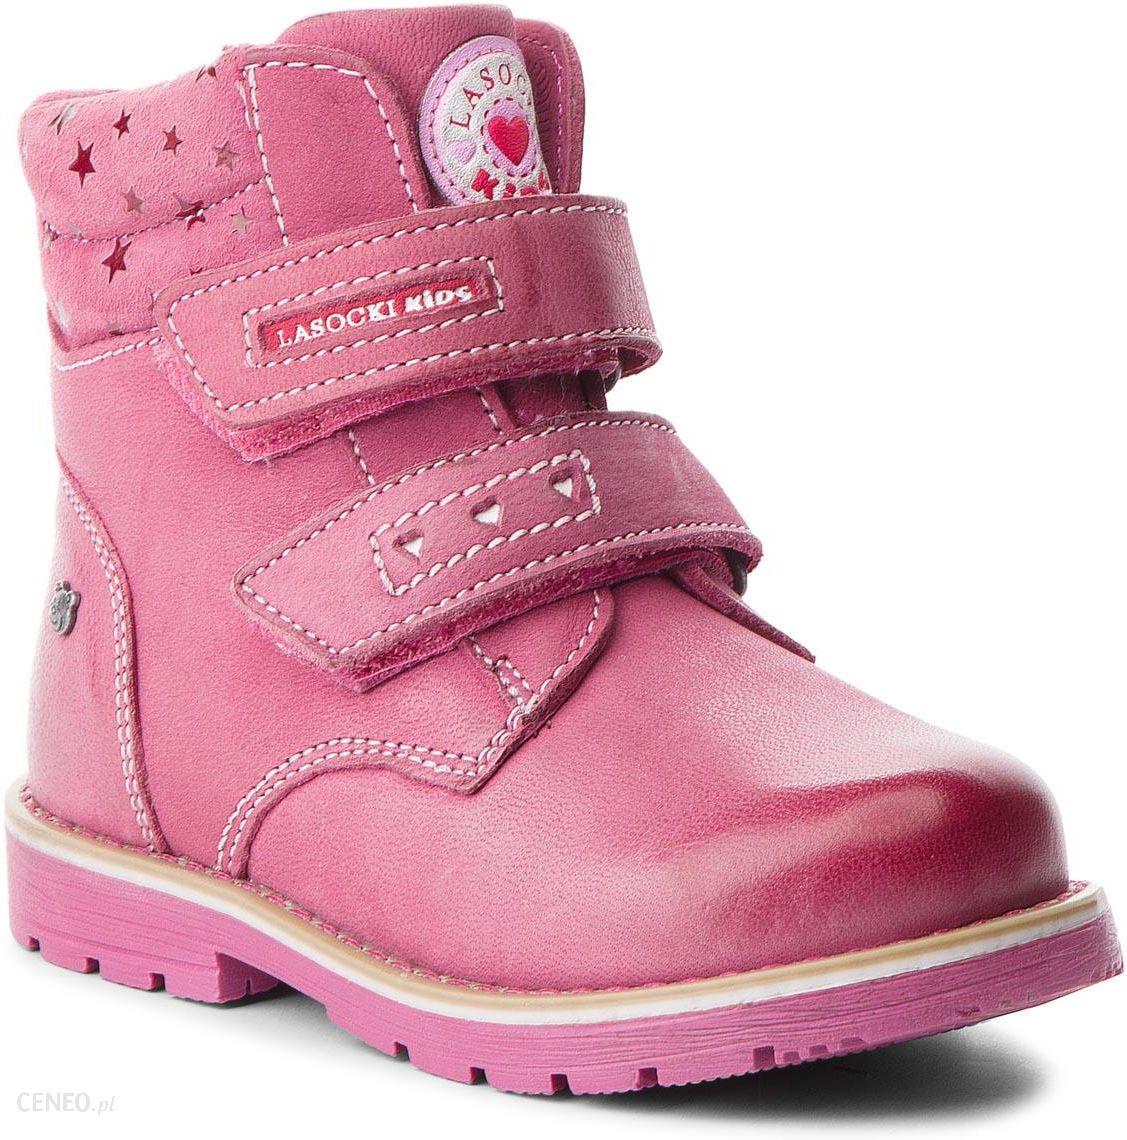 Kozaki Lasocki Kids Ci12 1797 20a Pink Kozaczki Kozaki I Inne Dziewczynka Dzieciece Kolekcja 2021 Eobuwie Pl